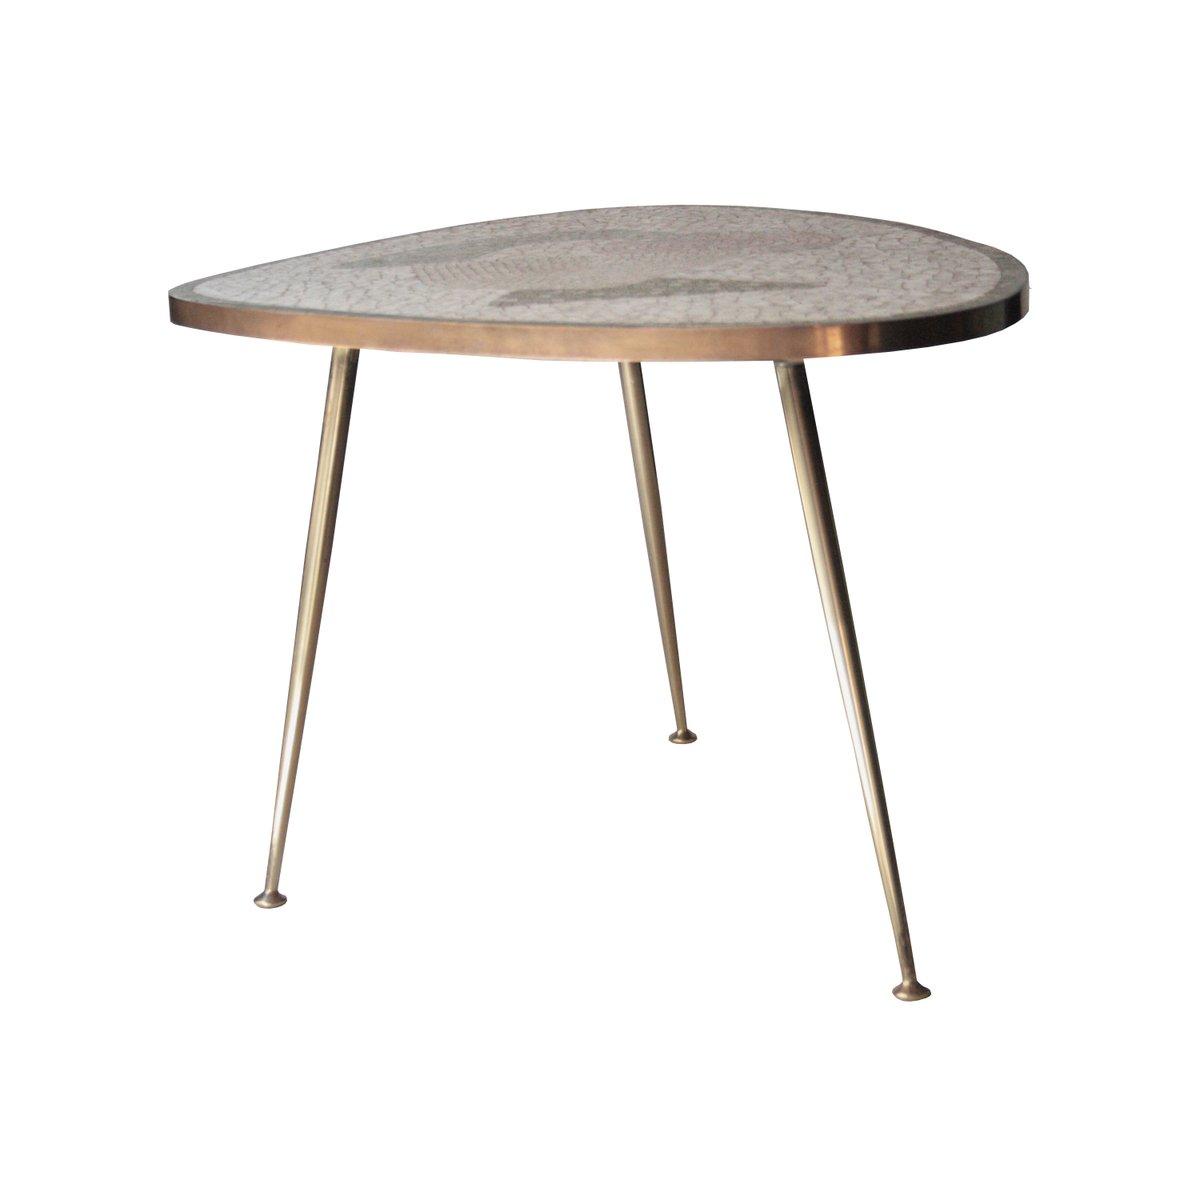 centre de table avec plateau tesselle italie 1960s en vente sur pamono. Black Bedroom Furniture Sets. Home Design Ideas